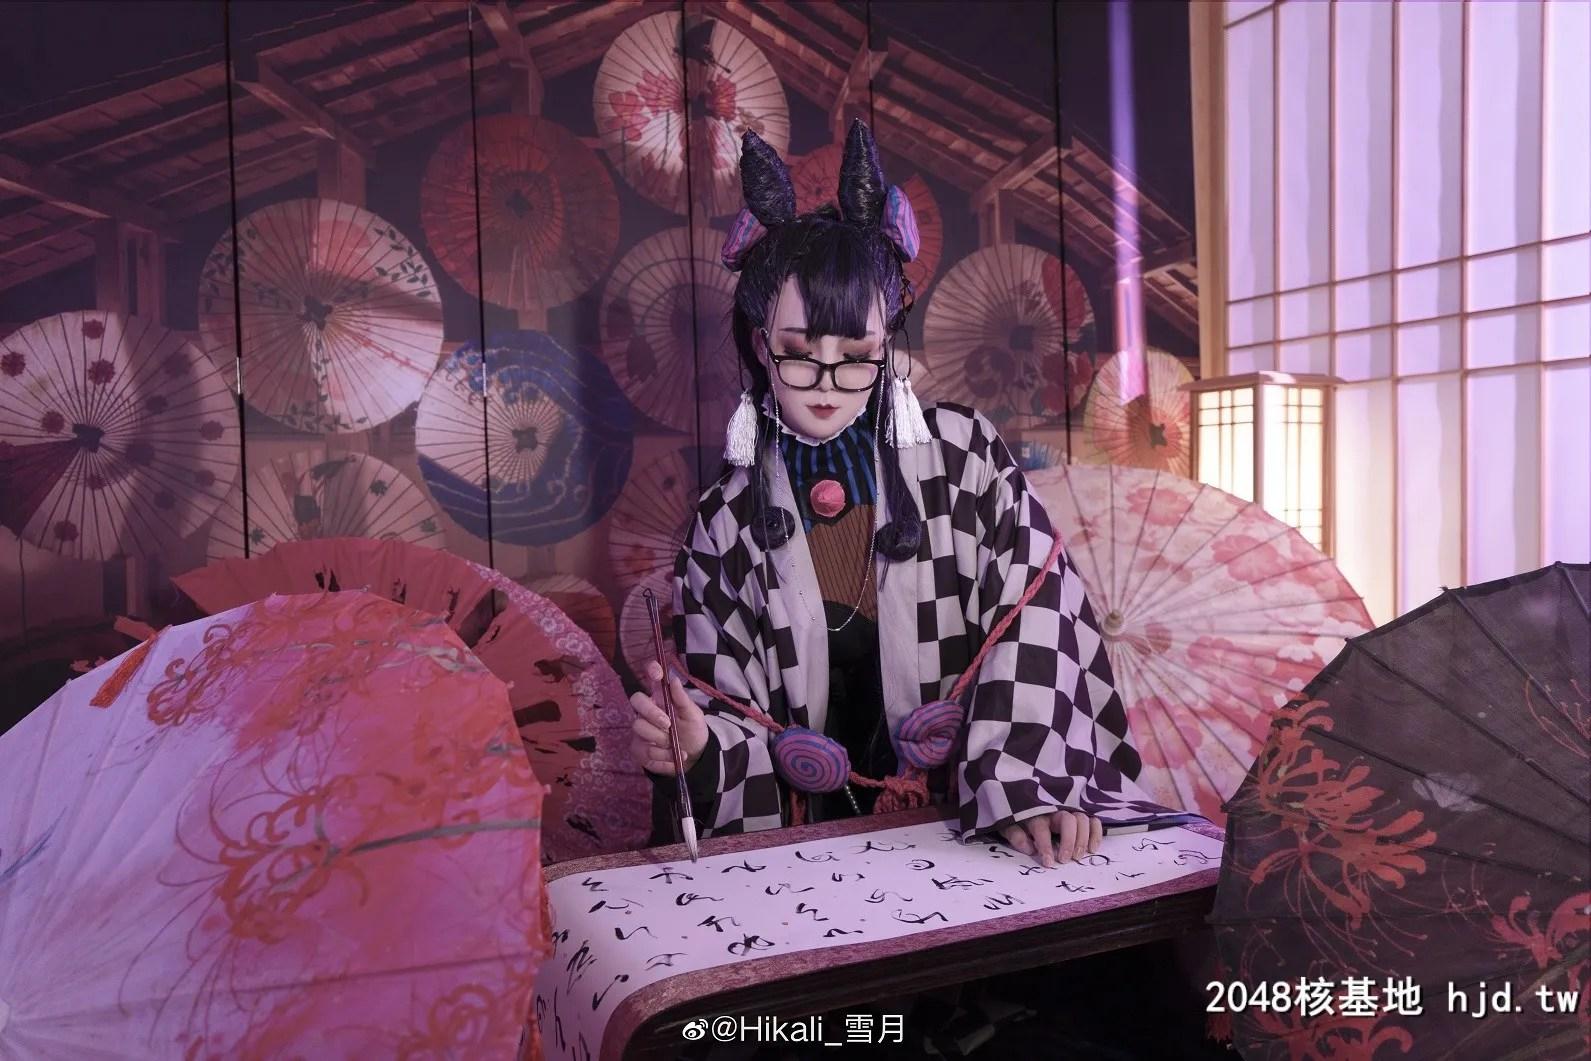 Fate/GrandOrder紫式部@Hikali_雪月 (10P)插图